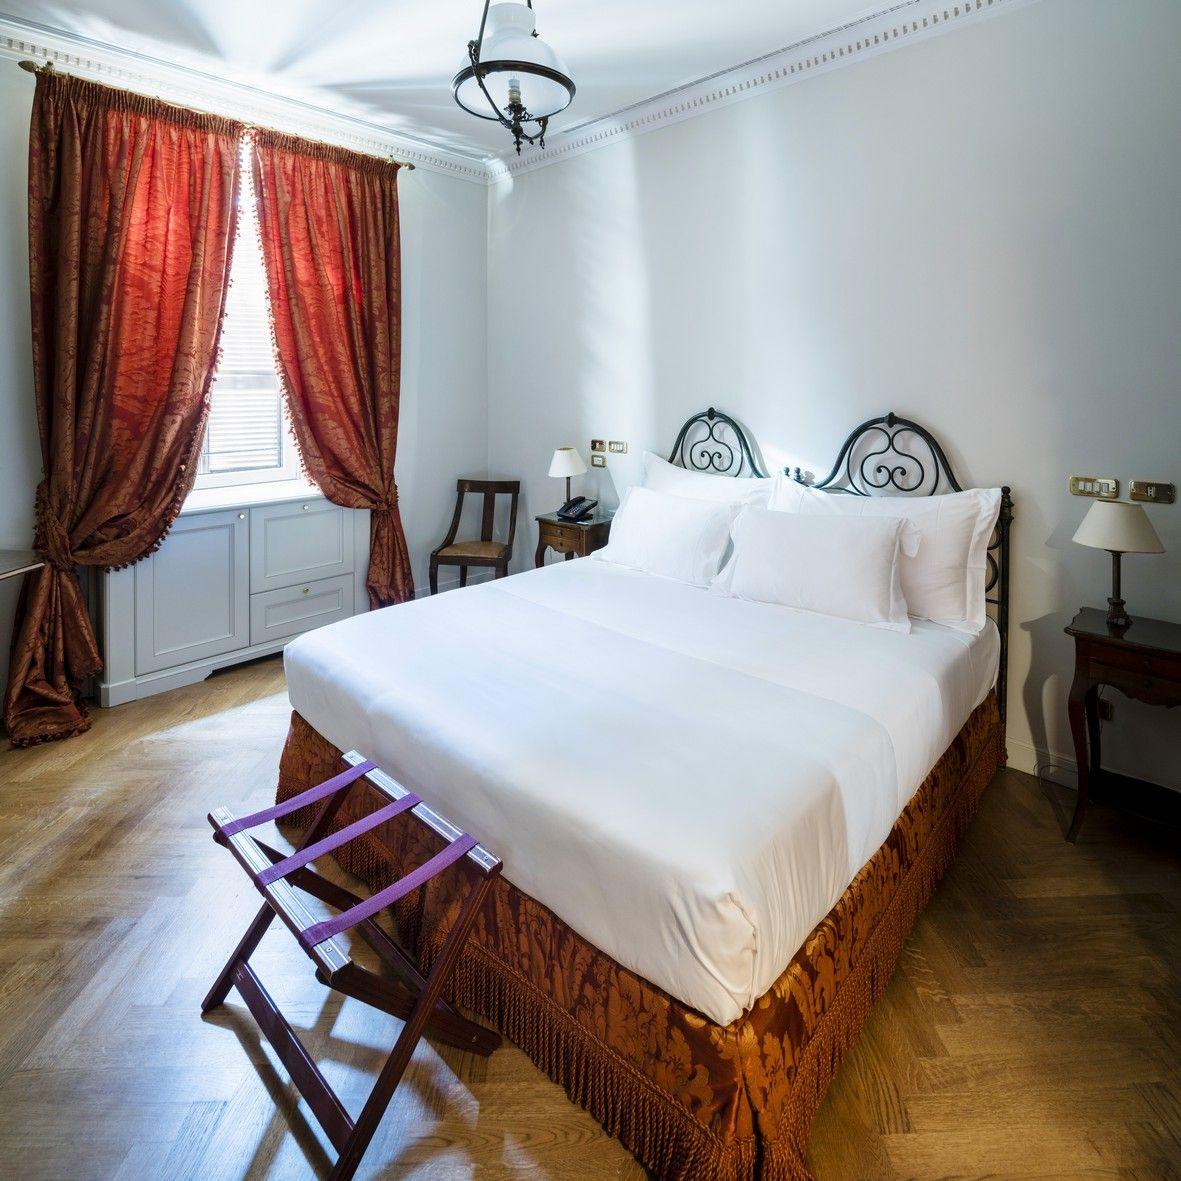 Ristrutturazione Hotel Locarno - image 3